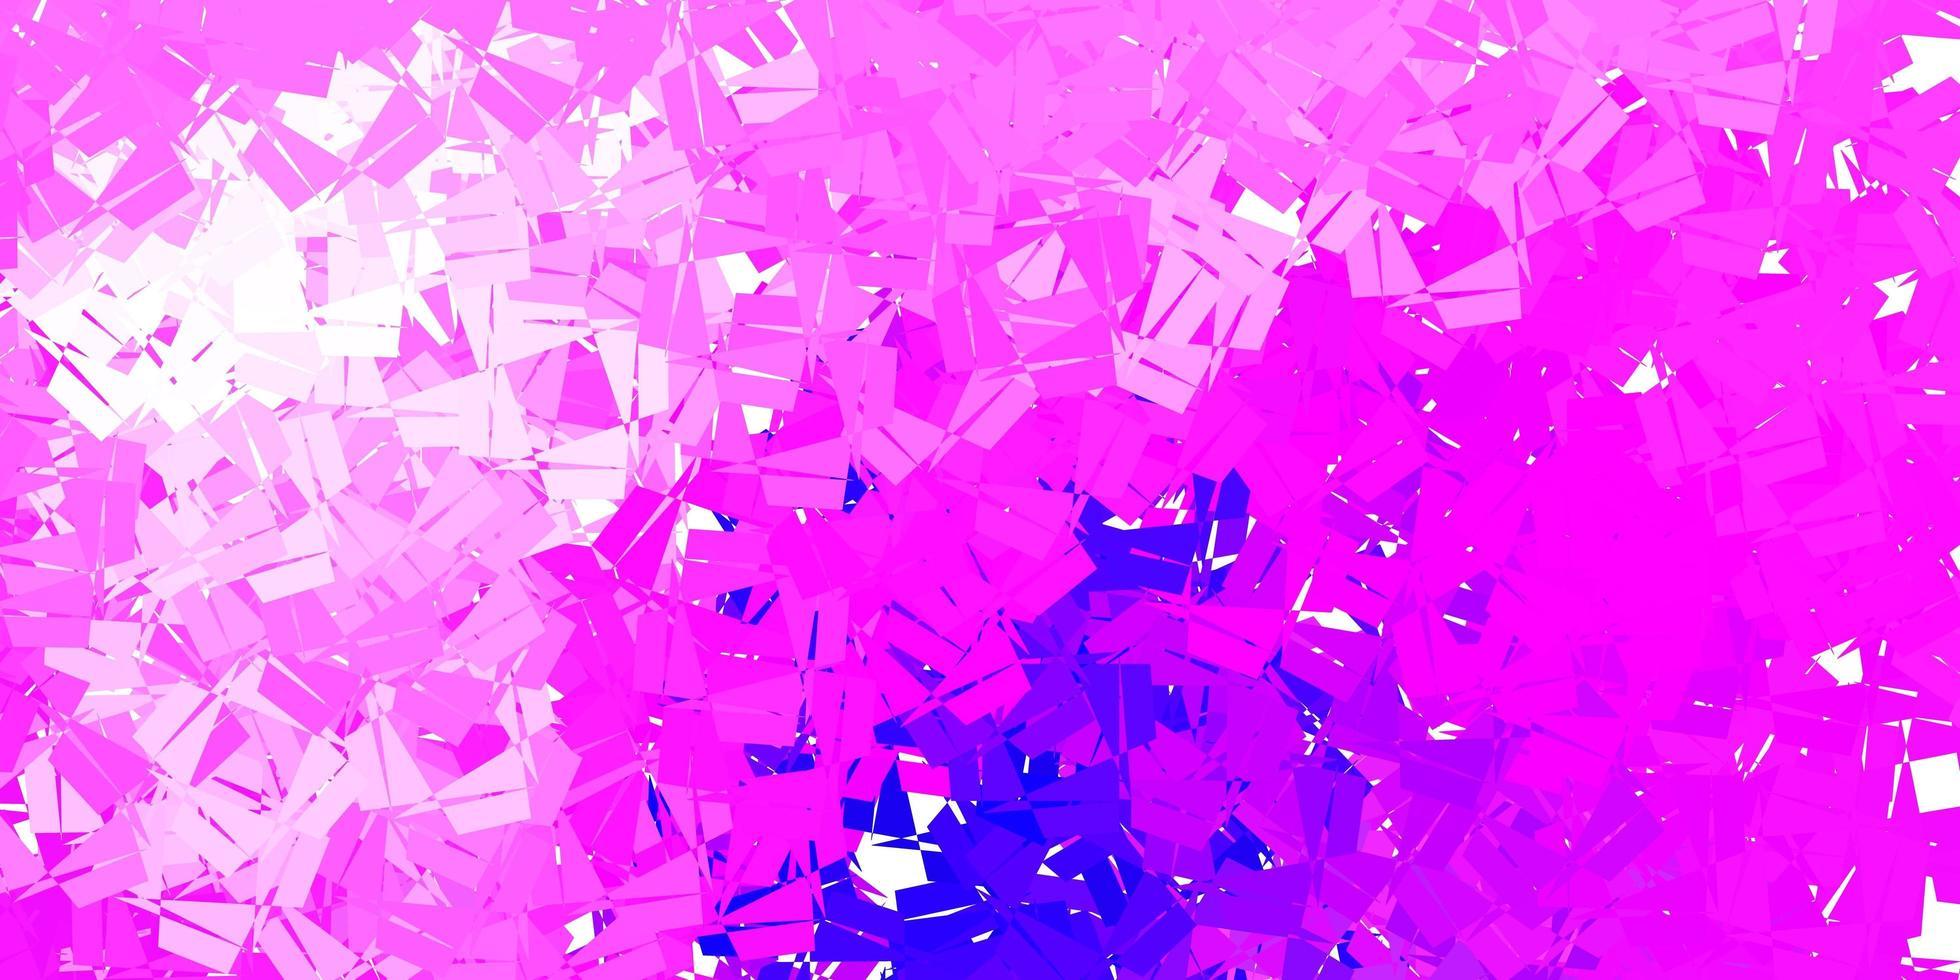 modello di mosaico triangolo vettoriale viola chiaro, rosa.